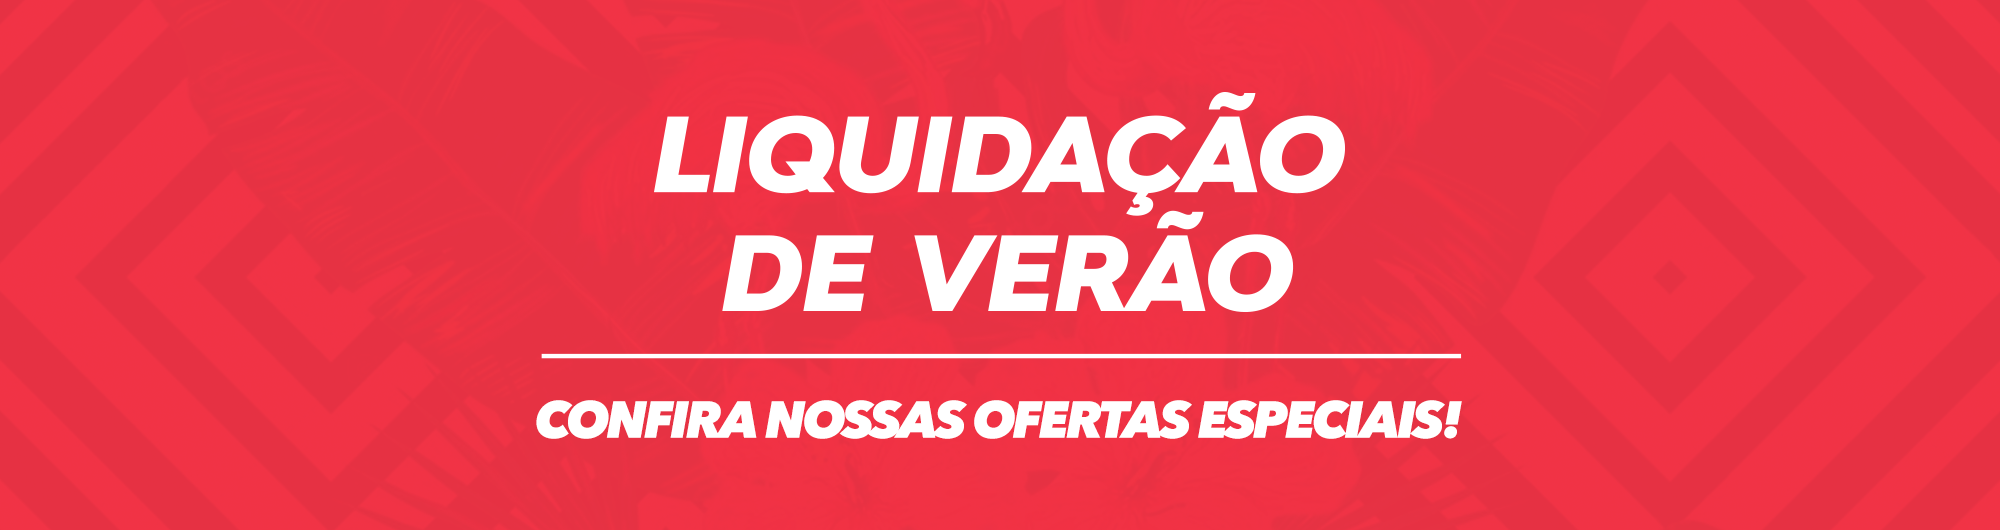 LIQUIDAÇÃO VERAO 2019